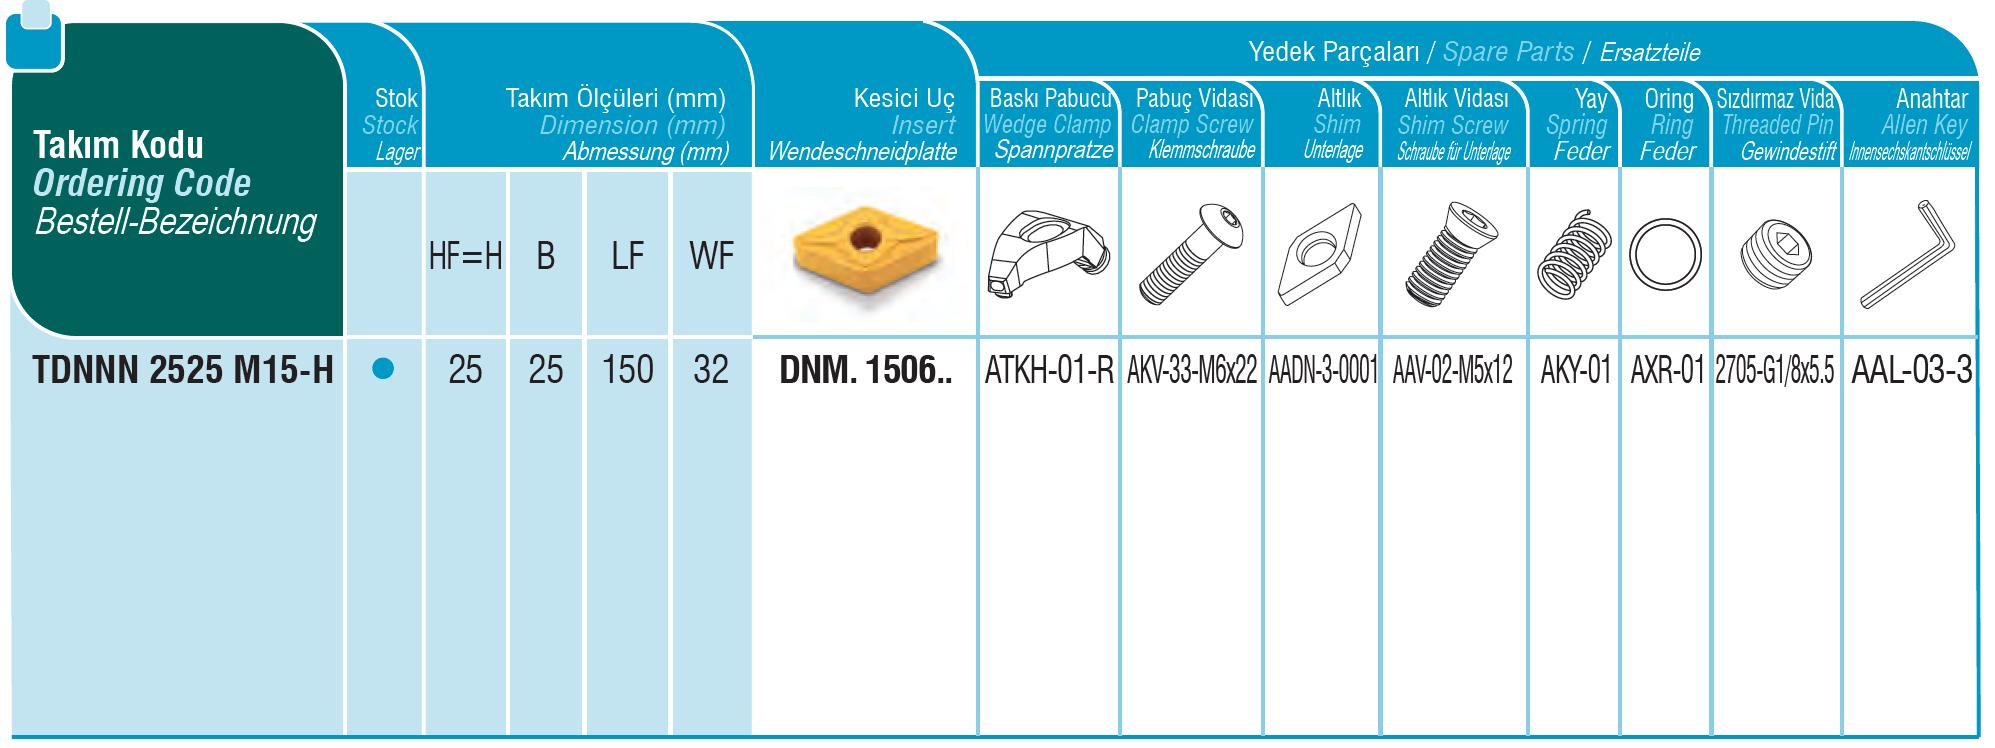 Drehhalter mit Innenkühlung TDNNN 2525 M15-H